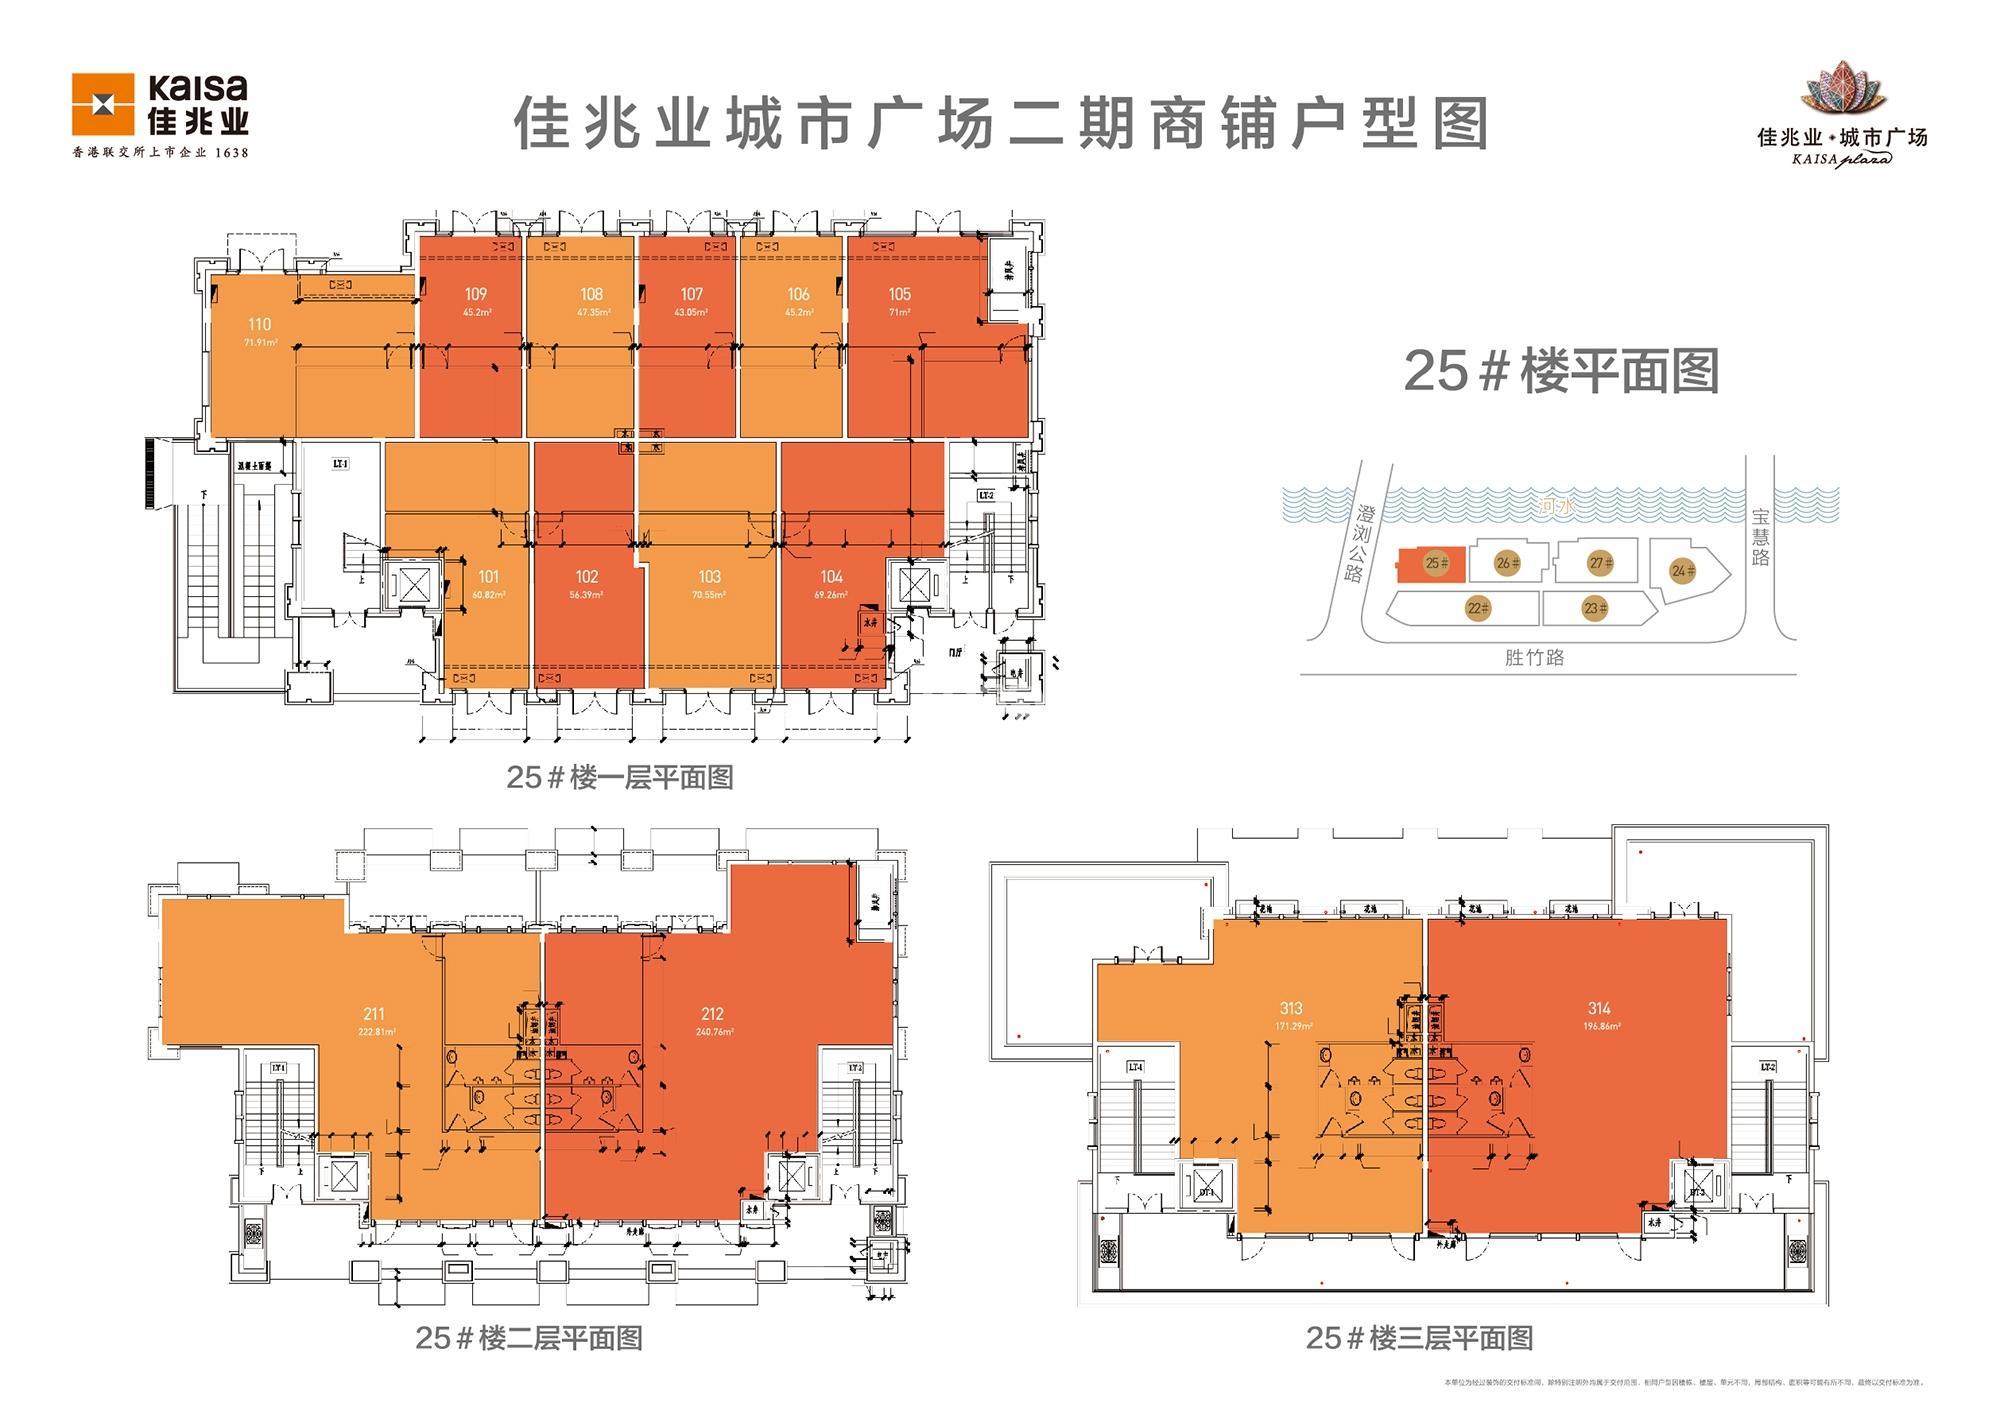 25#楼商铺户型图